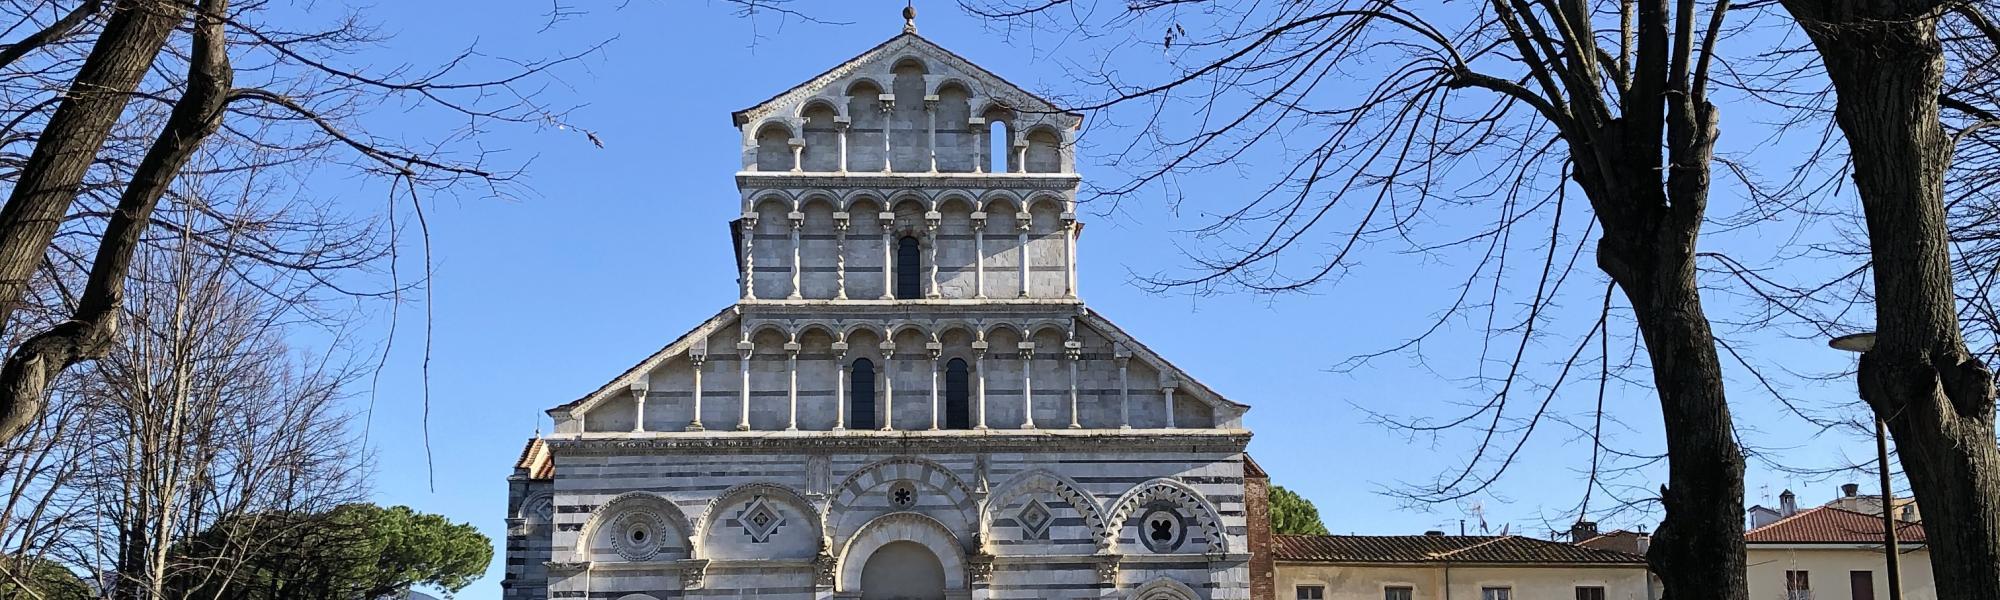 Chiesa di San Paolo a Ripa d'Arno (G. Bettini, Comune di Pisa)